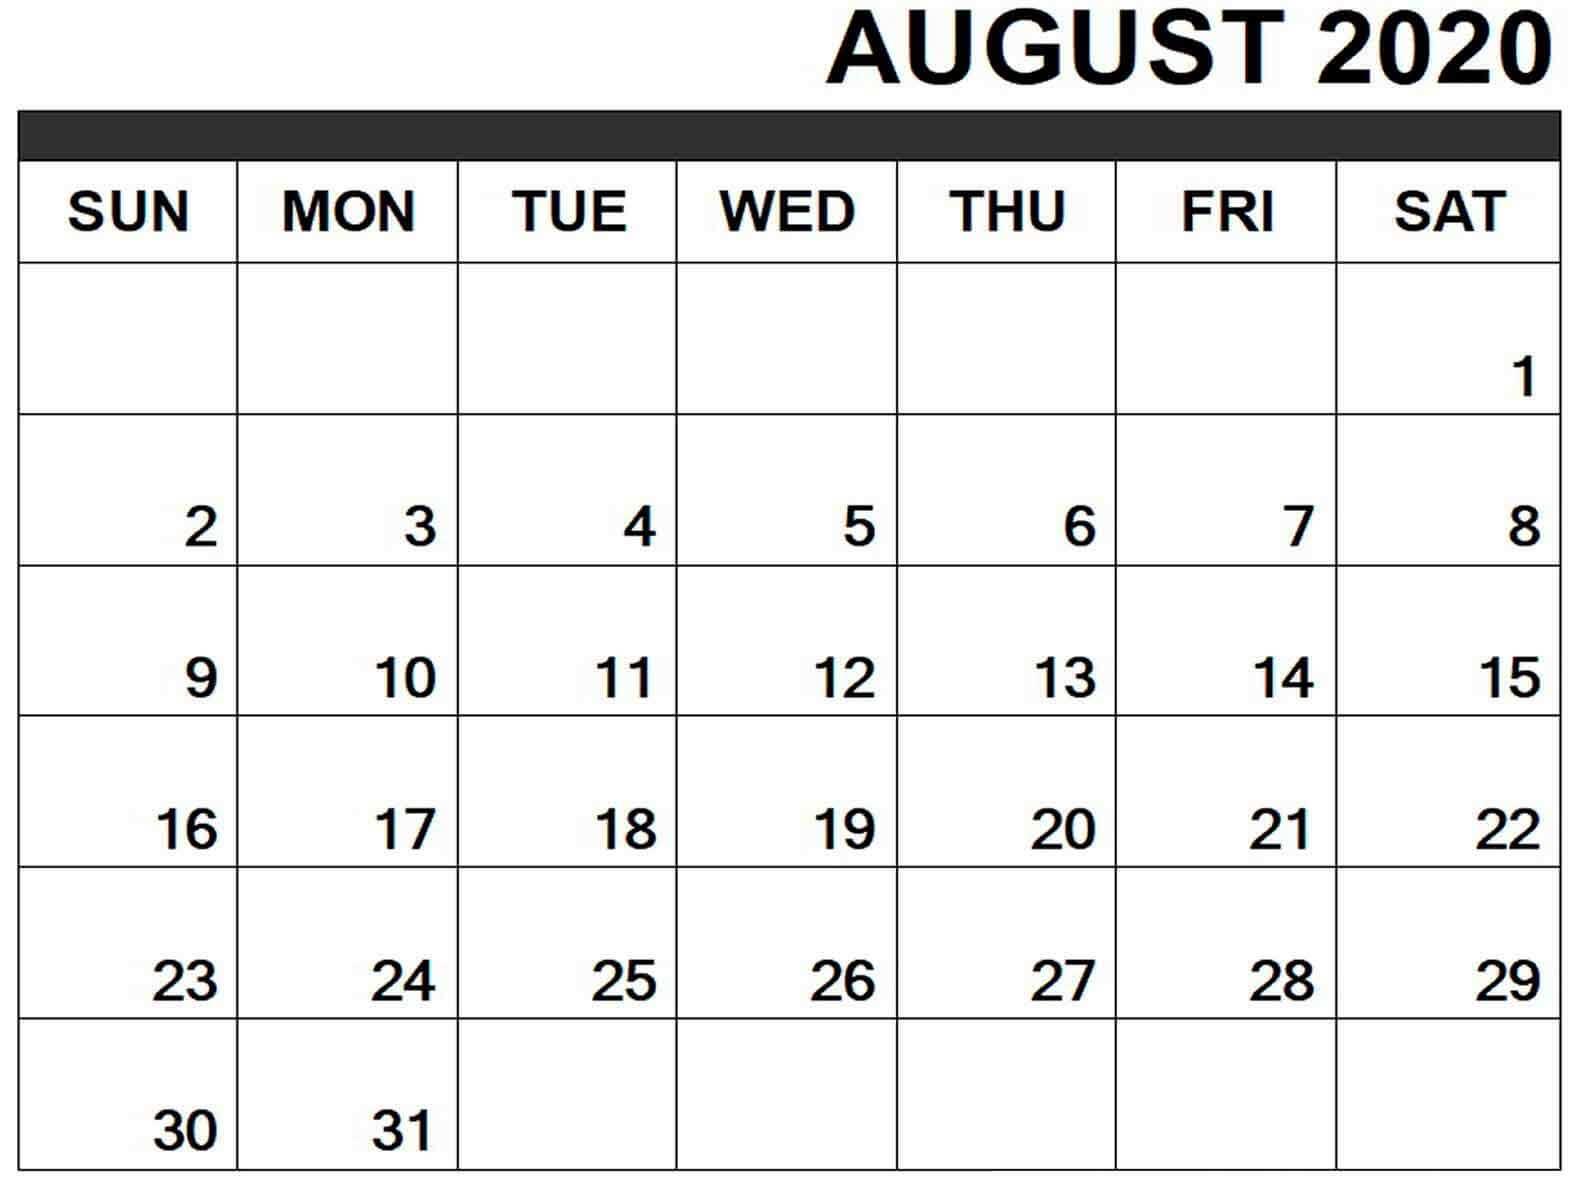 August 2020 Calendar Editable